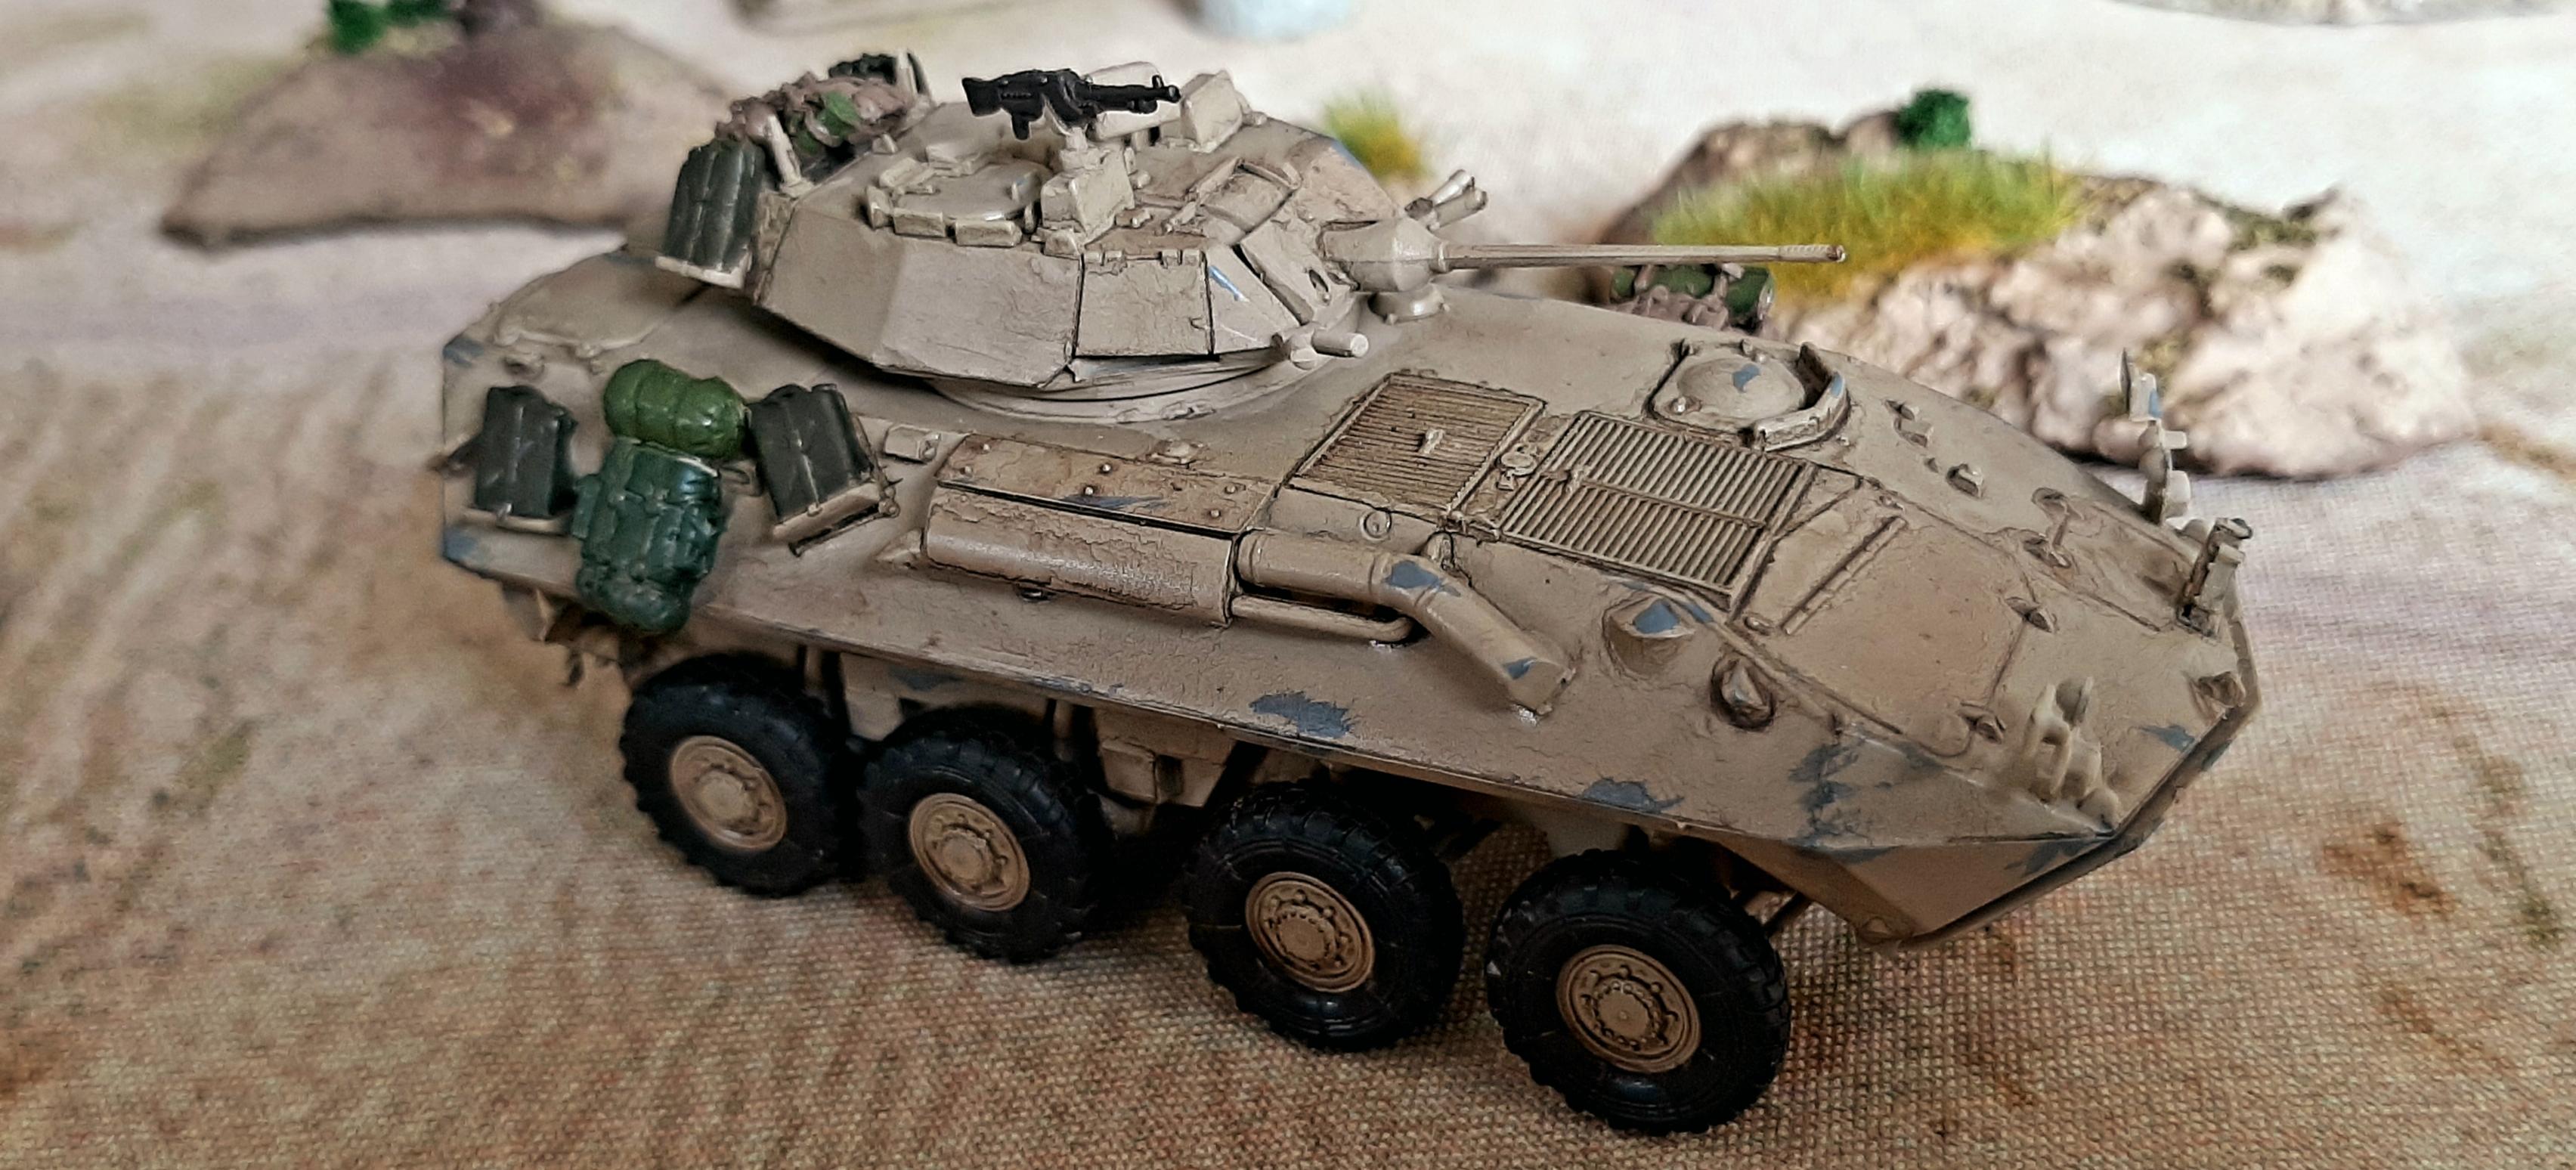 Diorama/Wargame Afghanistan 1/72 JGyF9l